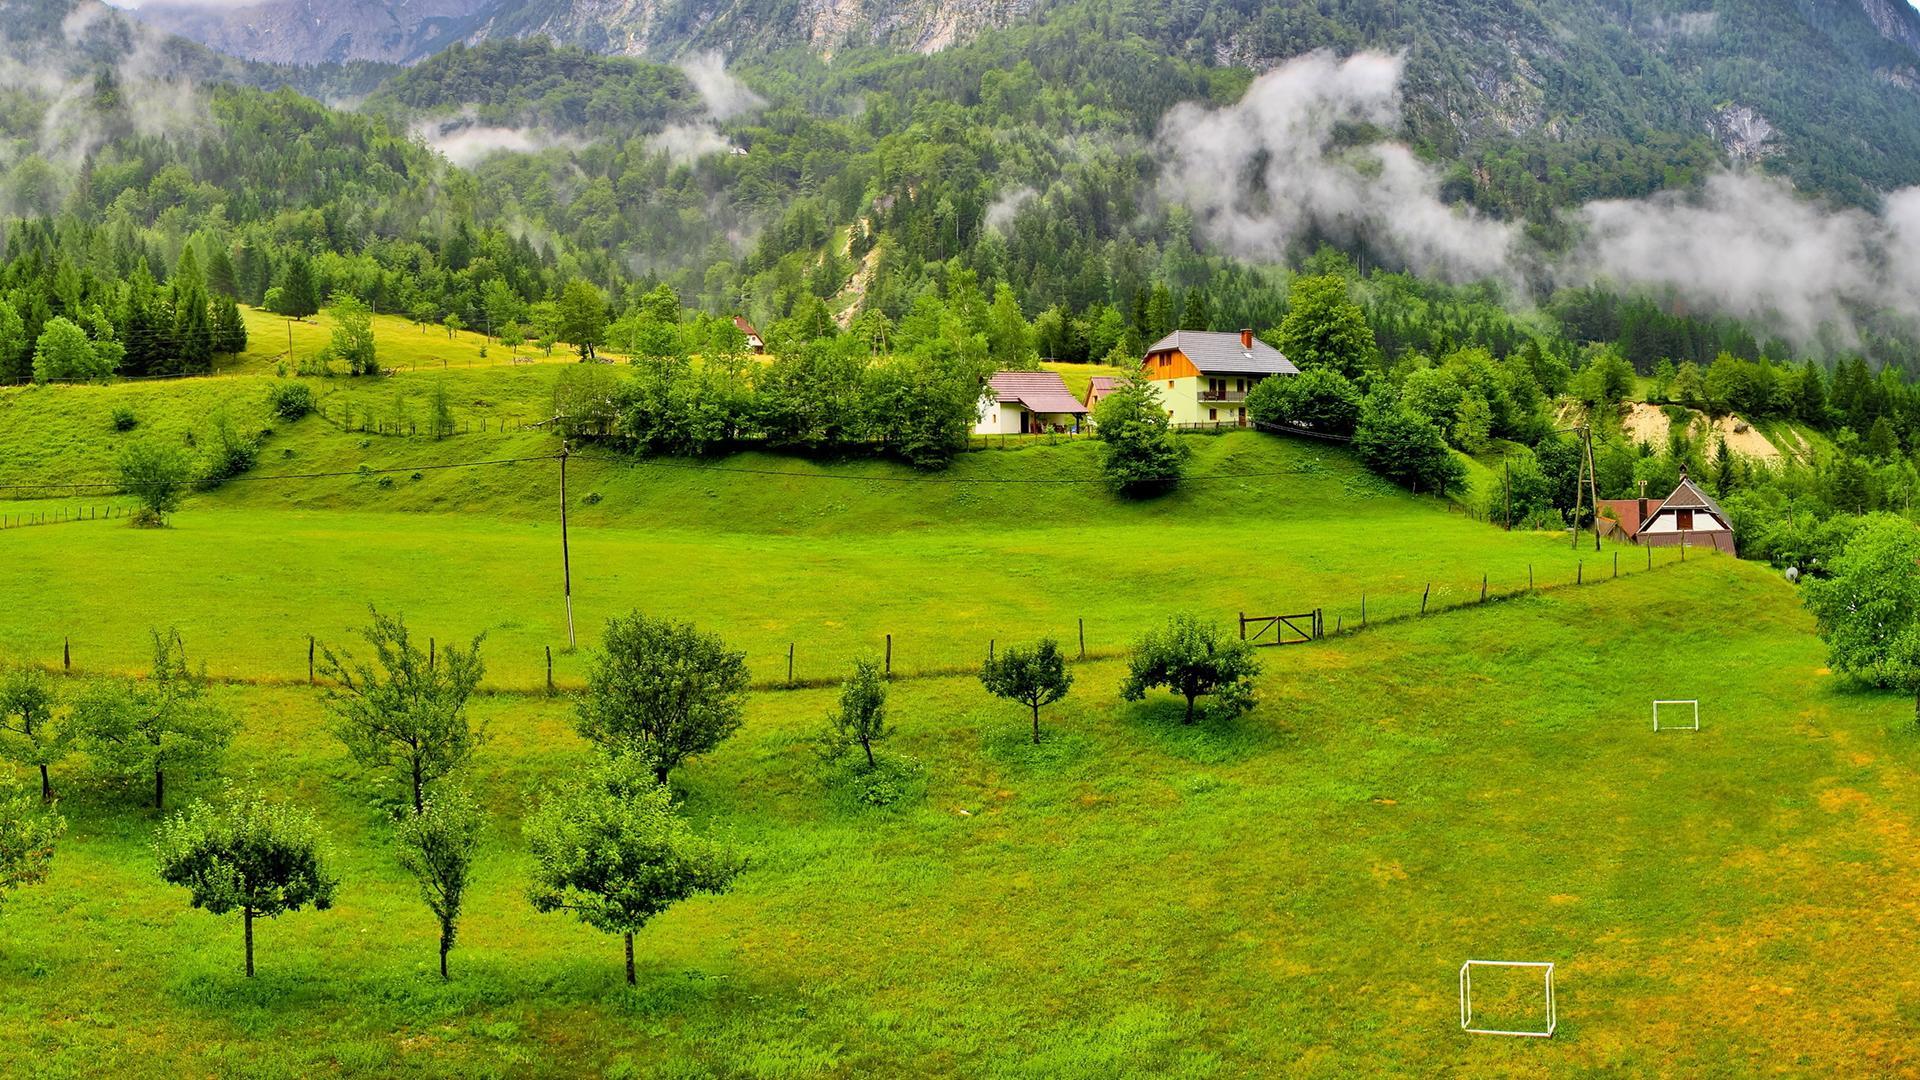 绿色护眼自然高清风景图片壁纸